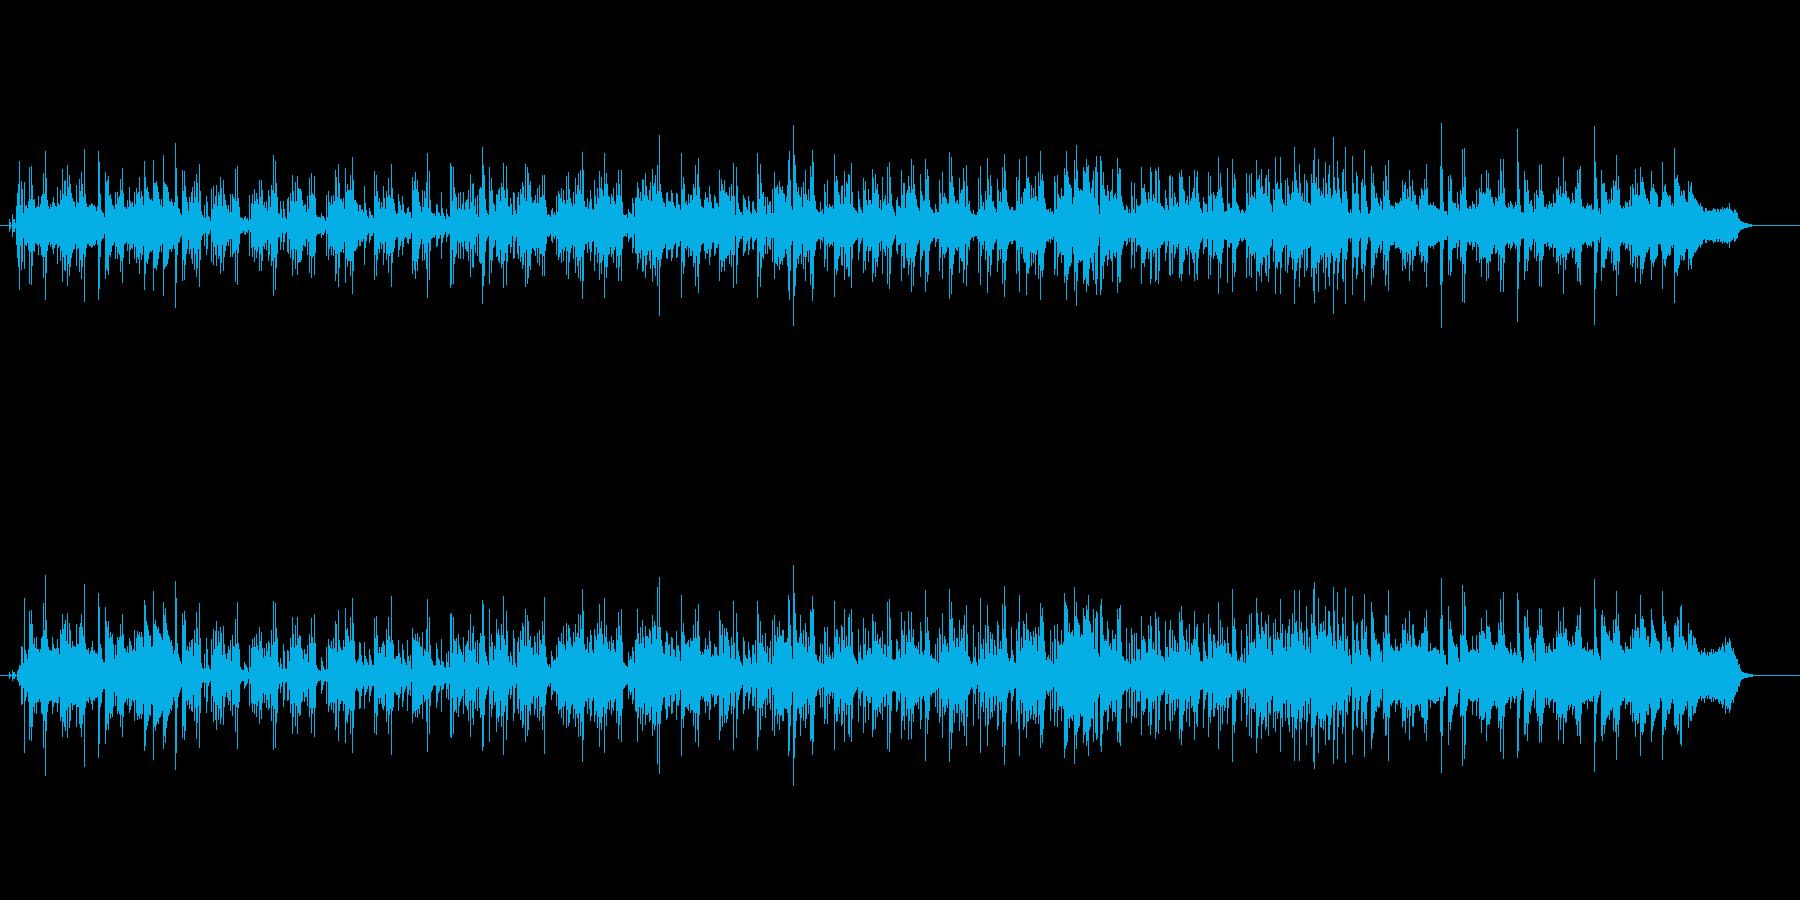 フュージョン・バラードの再生済みの波形